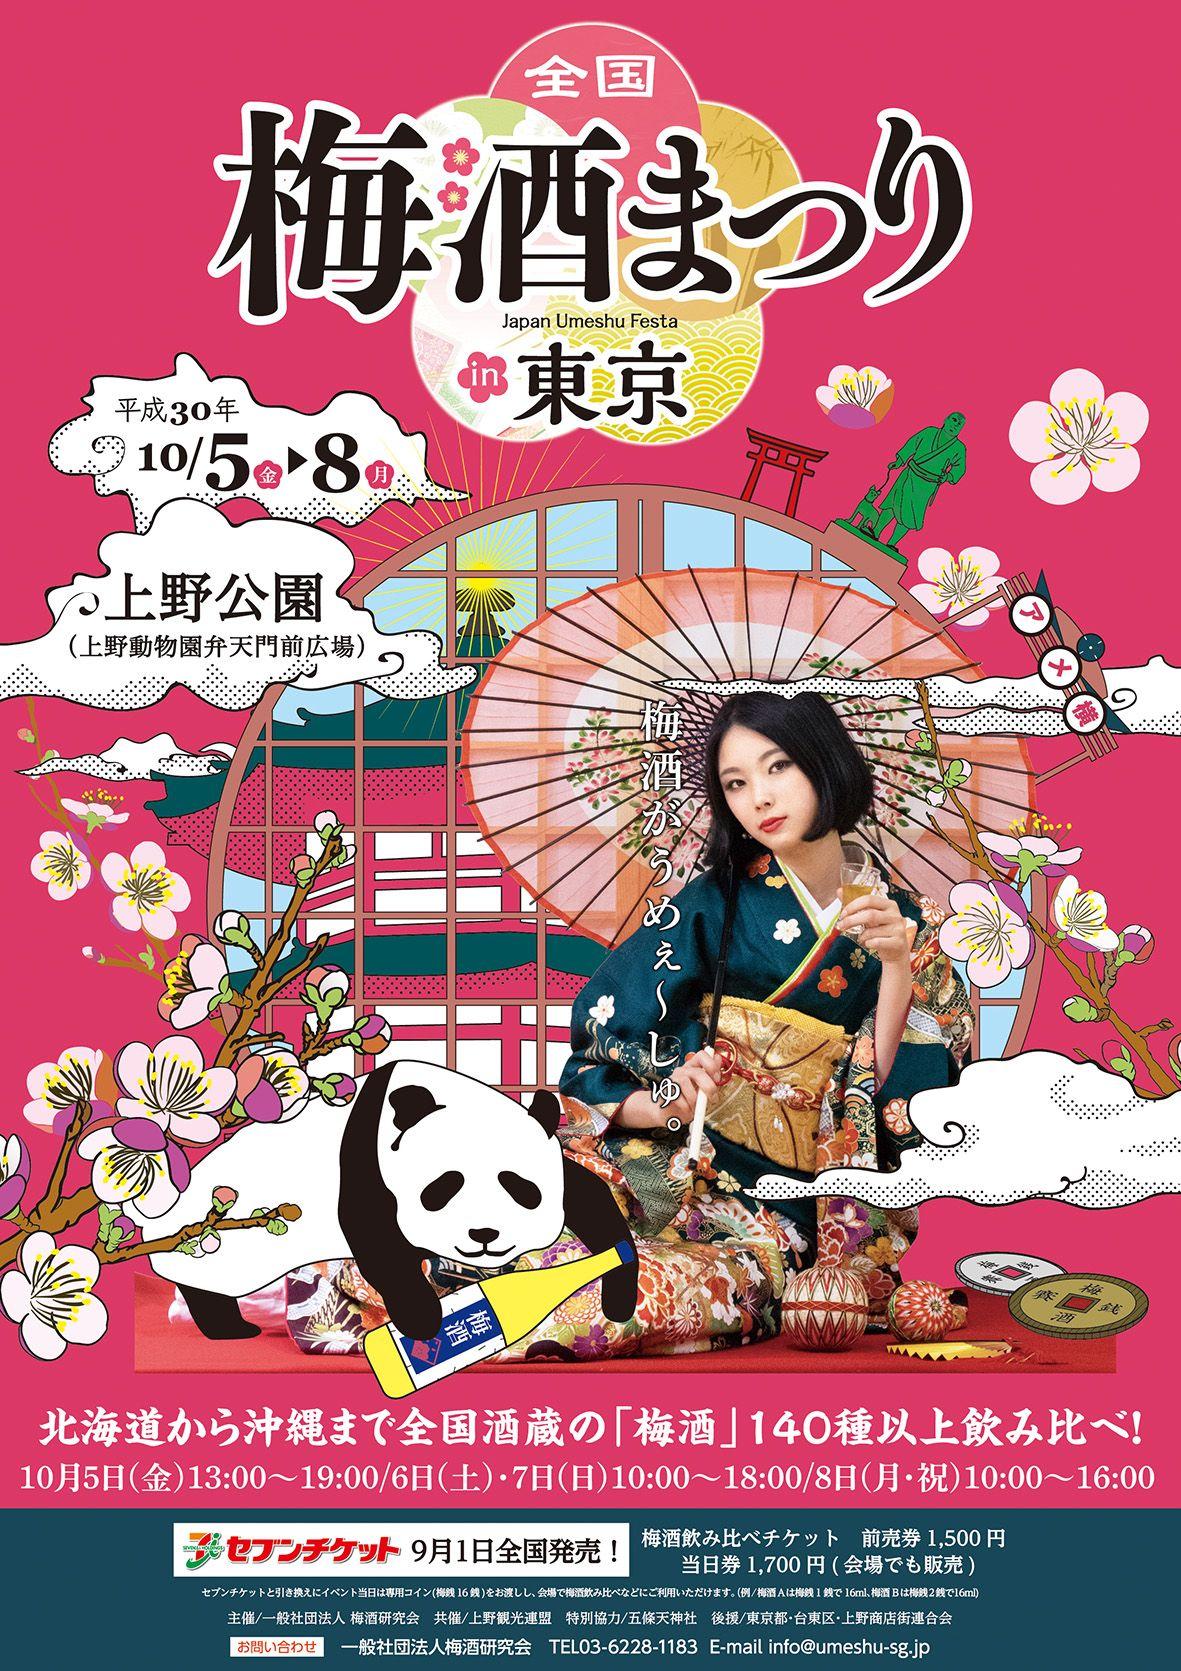 上野全國梅酒祭典in東京2018